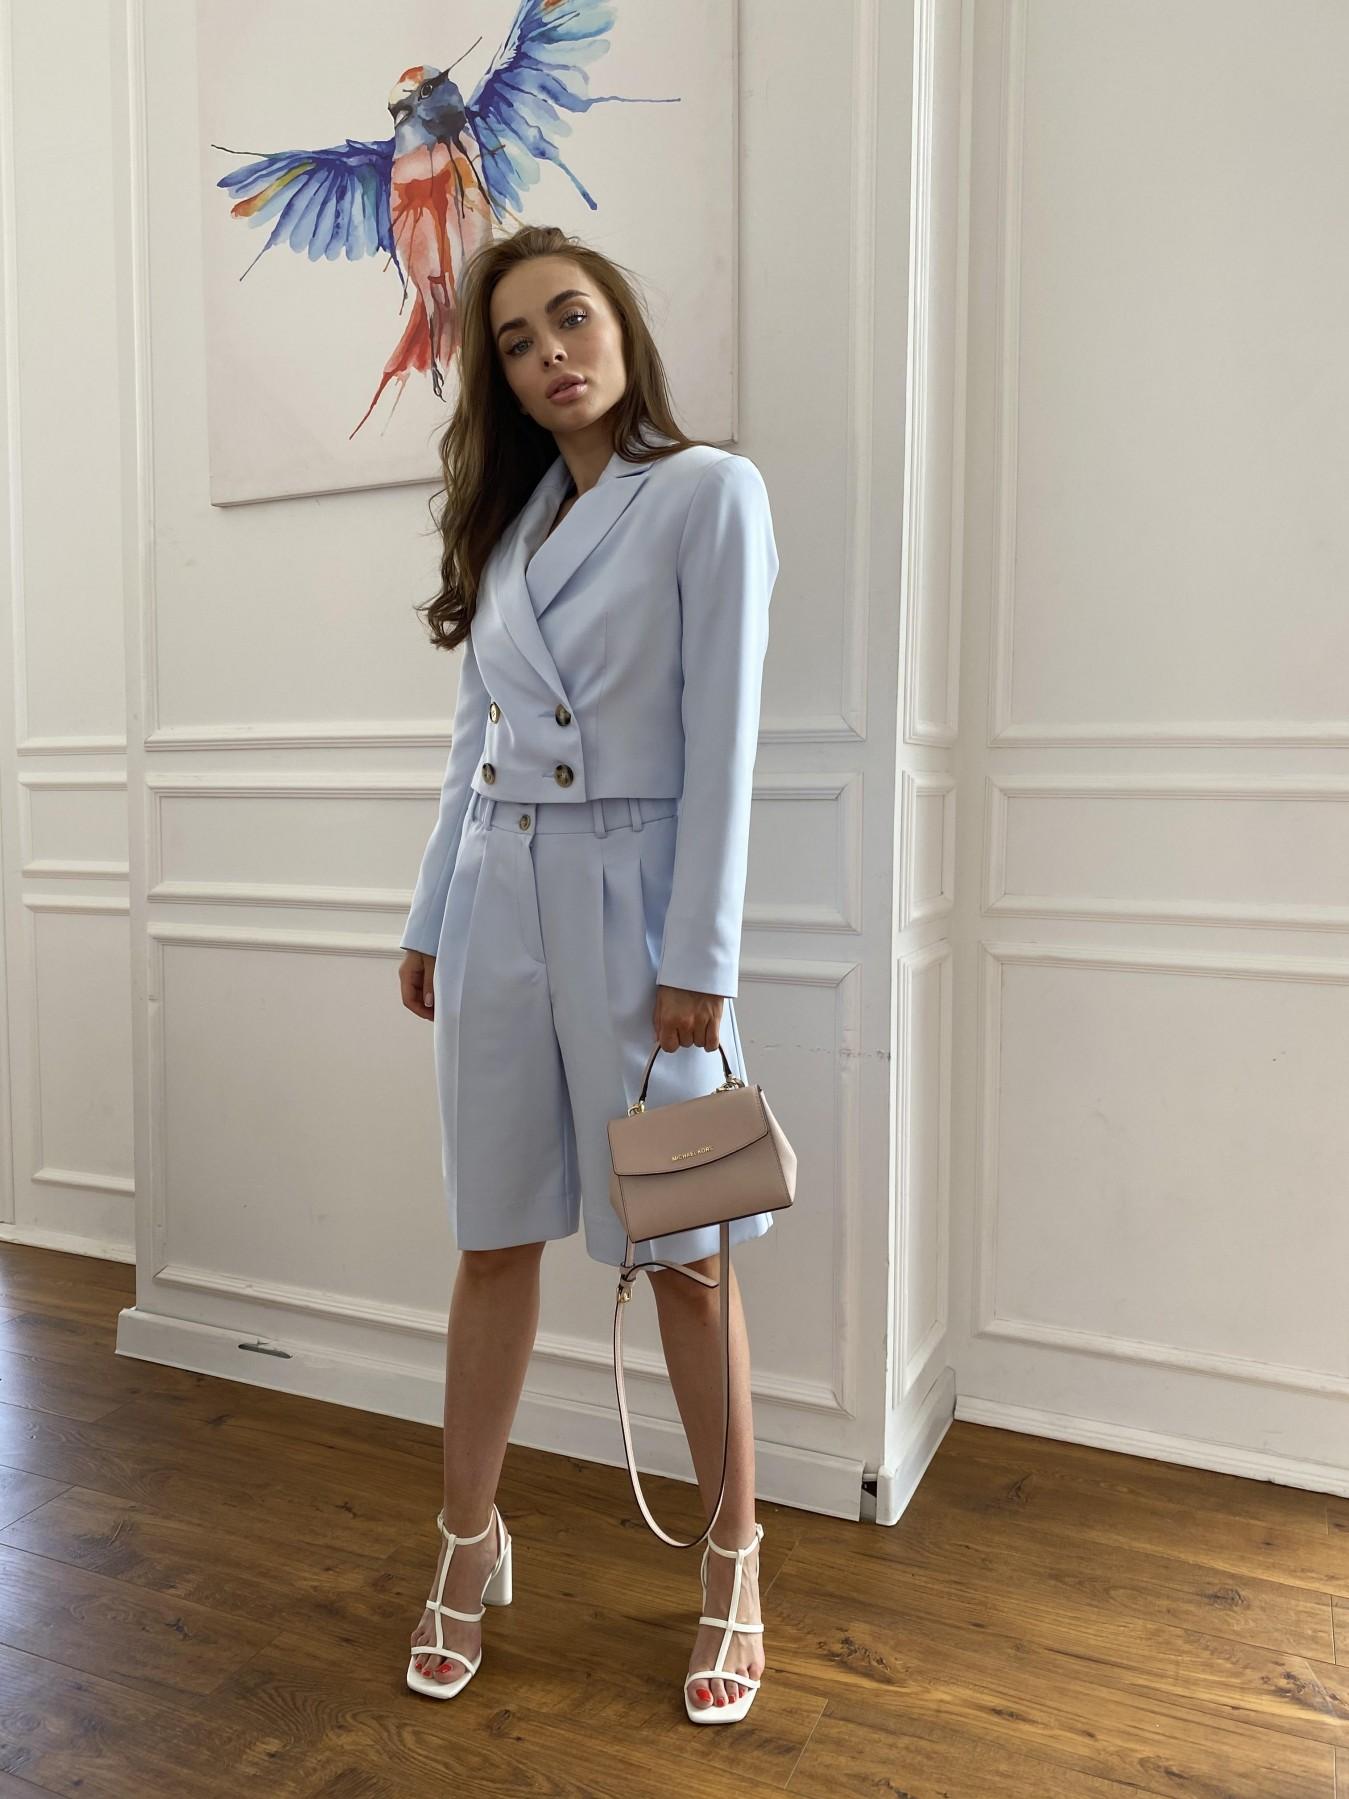 Оксфорд костюм из костюмной ткани стрейч 11548 АРТ. 48219 Цвет: Голубой - фото 7, интернет магазин tm-modus.ru